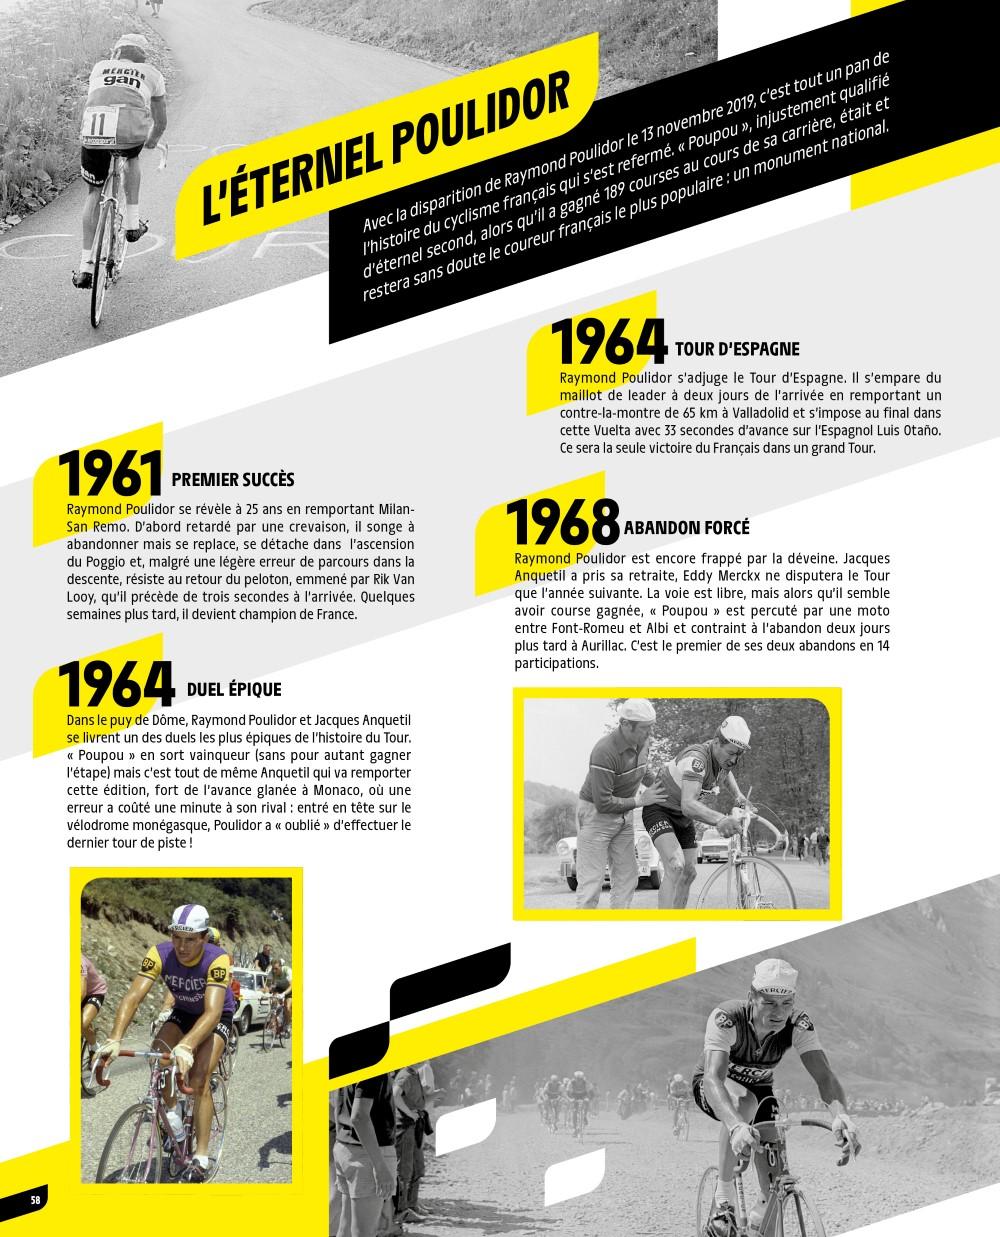 PANINI TOUR DE FRANCE 2020 PAGE 58 POULIDOR